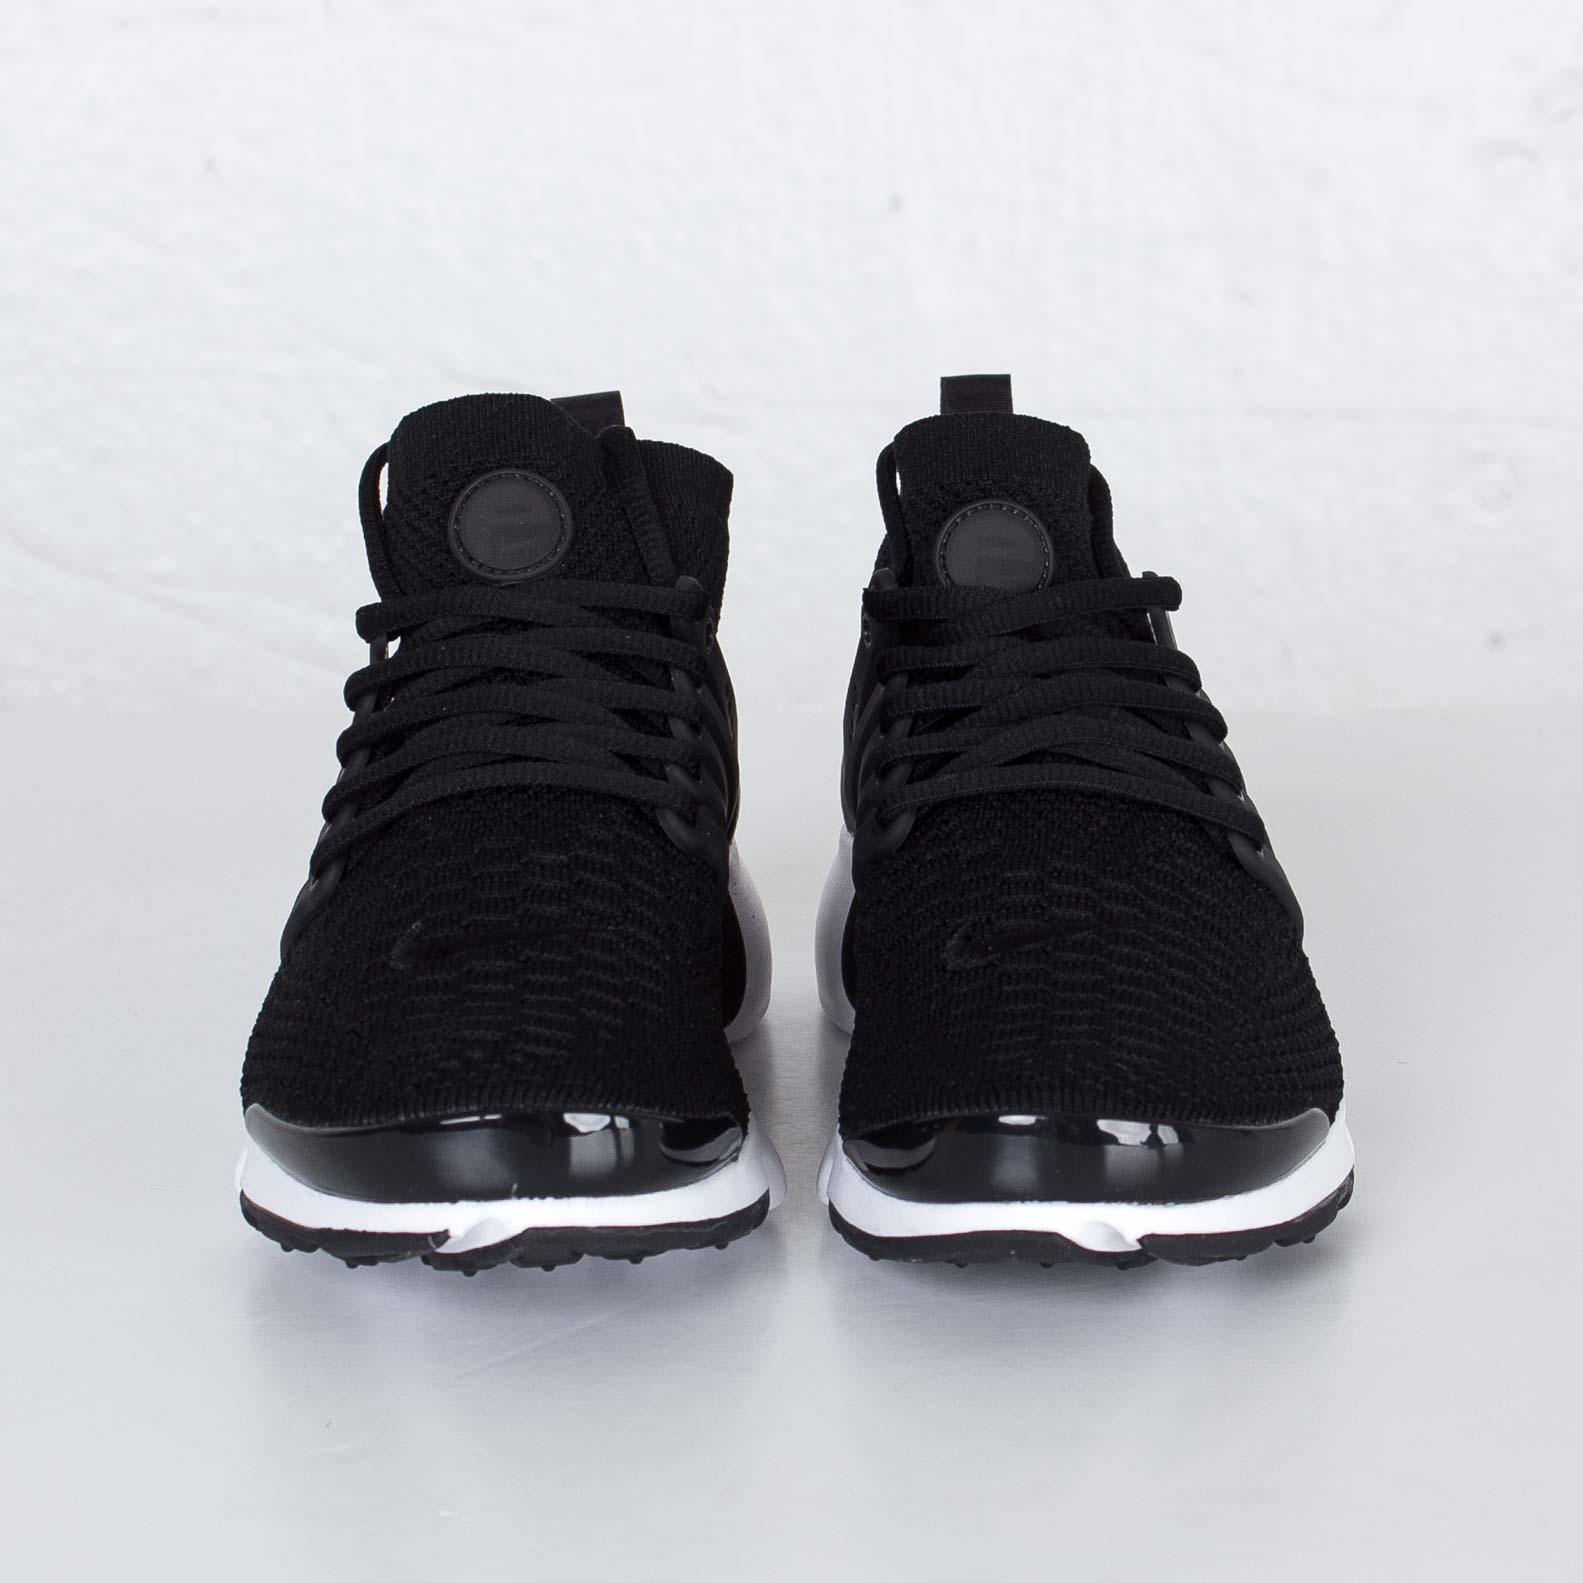 b727d06c7fc9 Nike Wmns Air Presto Flyknit Ultra - 835738-001 - Sneakersnstuff ...